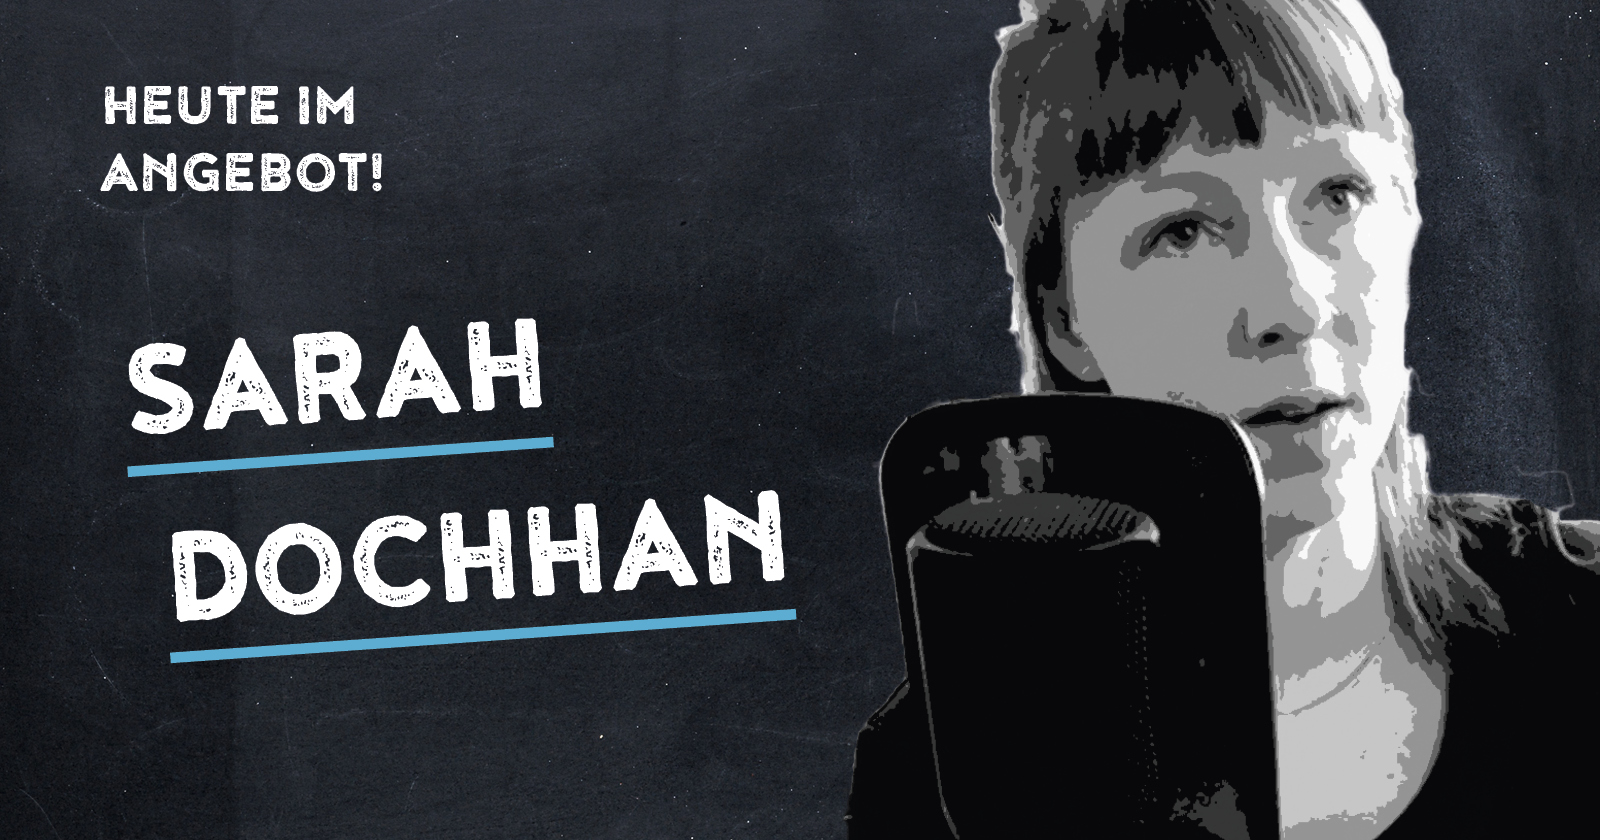 5 | Sarah Dochhan